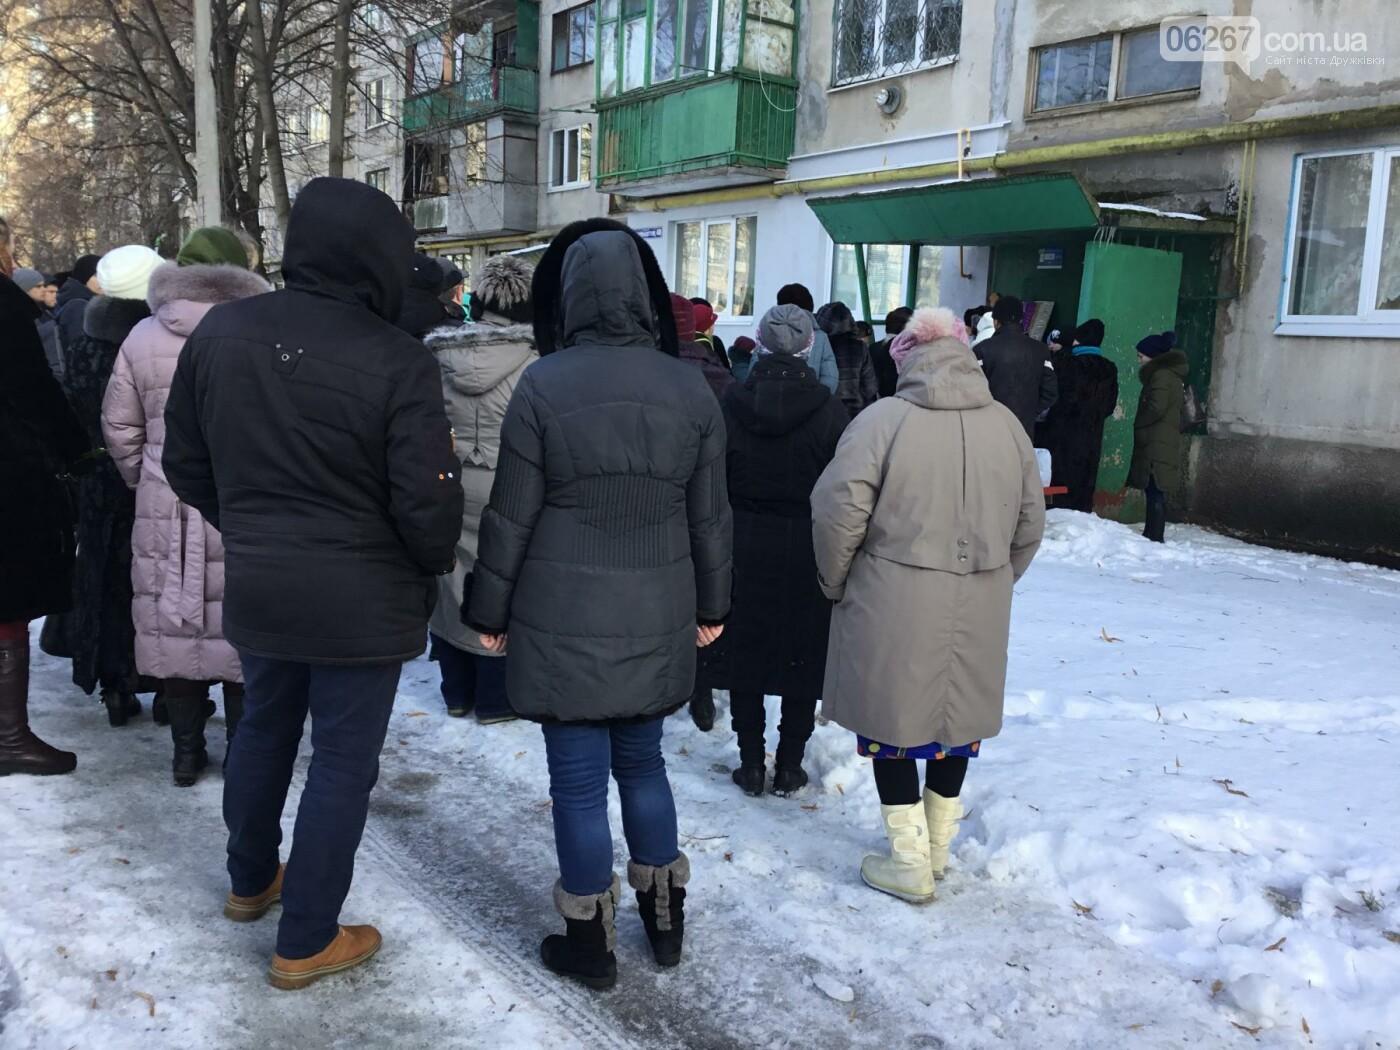 Сегодня в Дружковке хоронили девушку, погибшую в результате наезда автомобиля на пешеходном переходе, фото-2